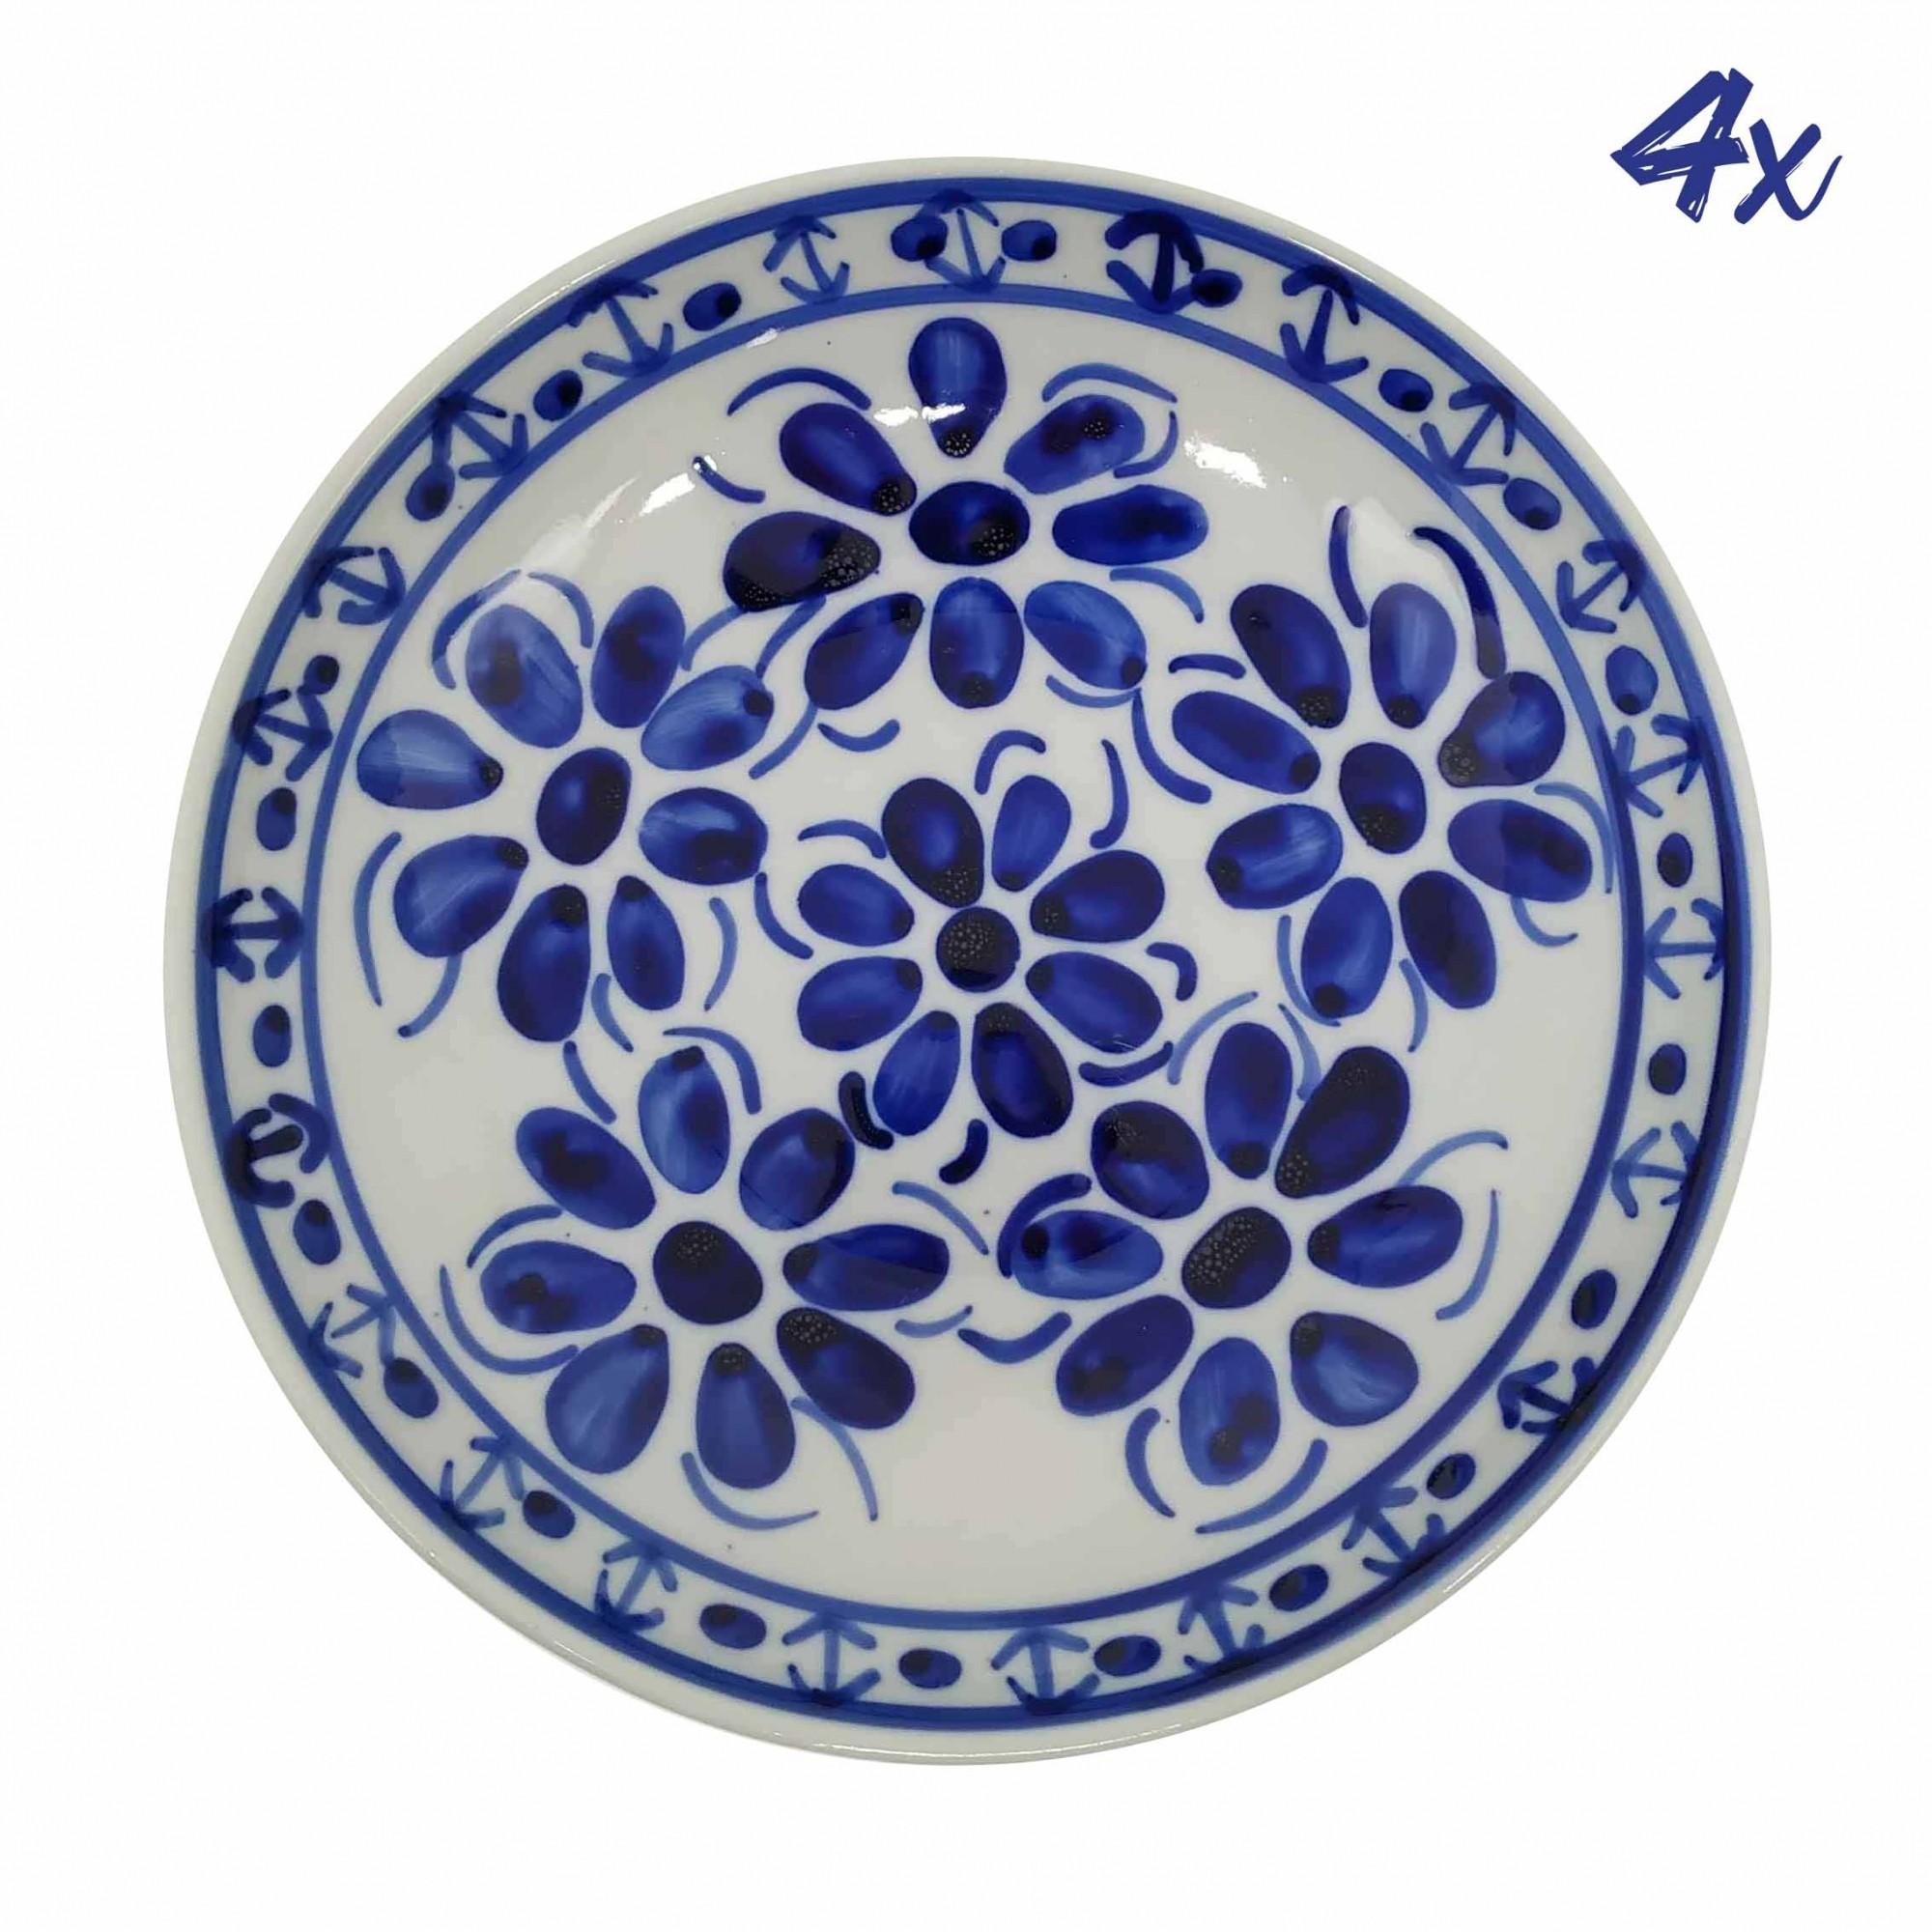 Jogo de 4 Pratos Fundos 22,5 cm Porcelana Azul Colonial